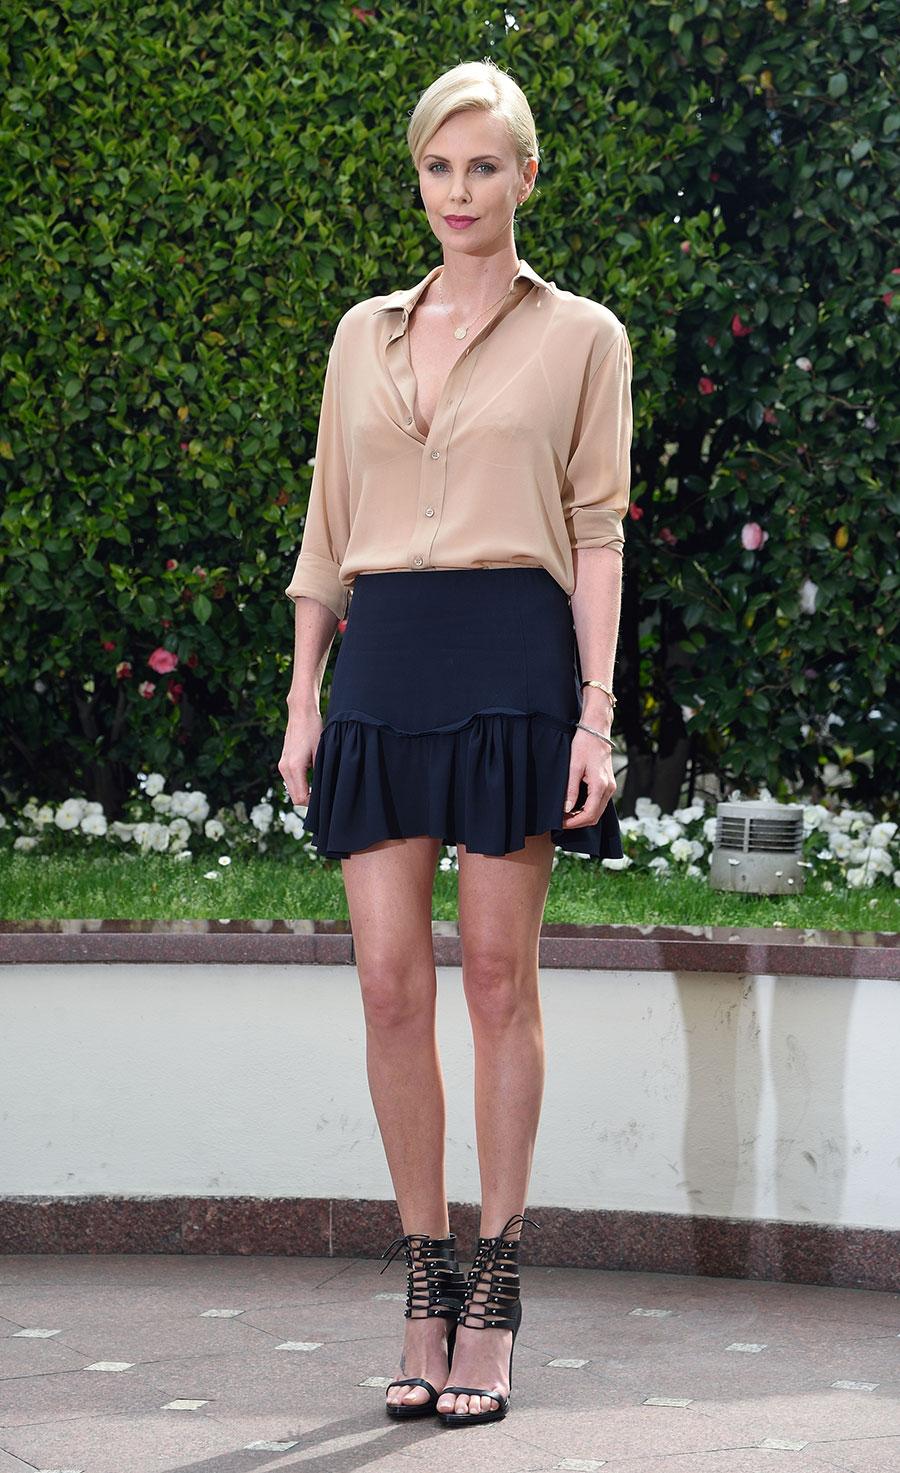 c2ca41d93 Charlize-Theron-mini-falda-. Charlize Theron tiene la minifalda perfecta  para